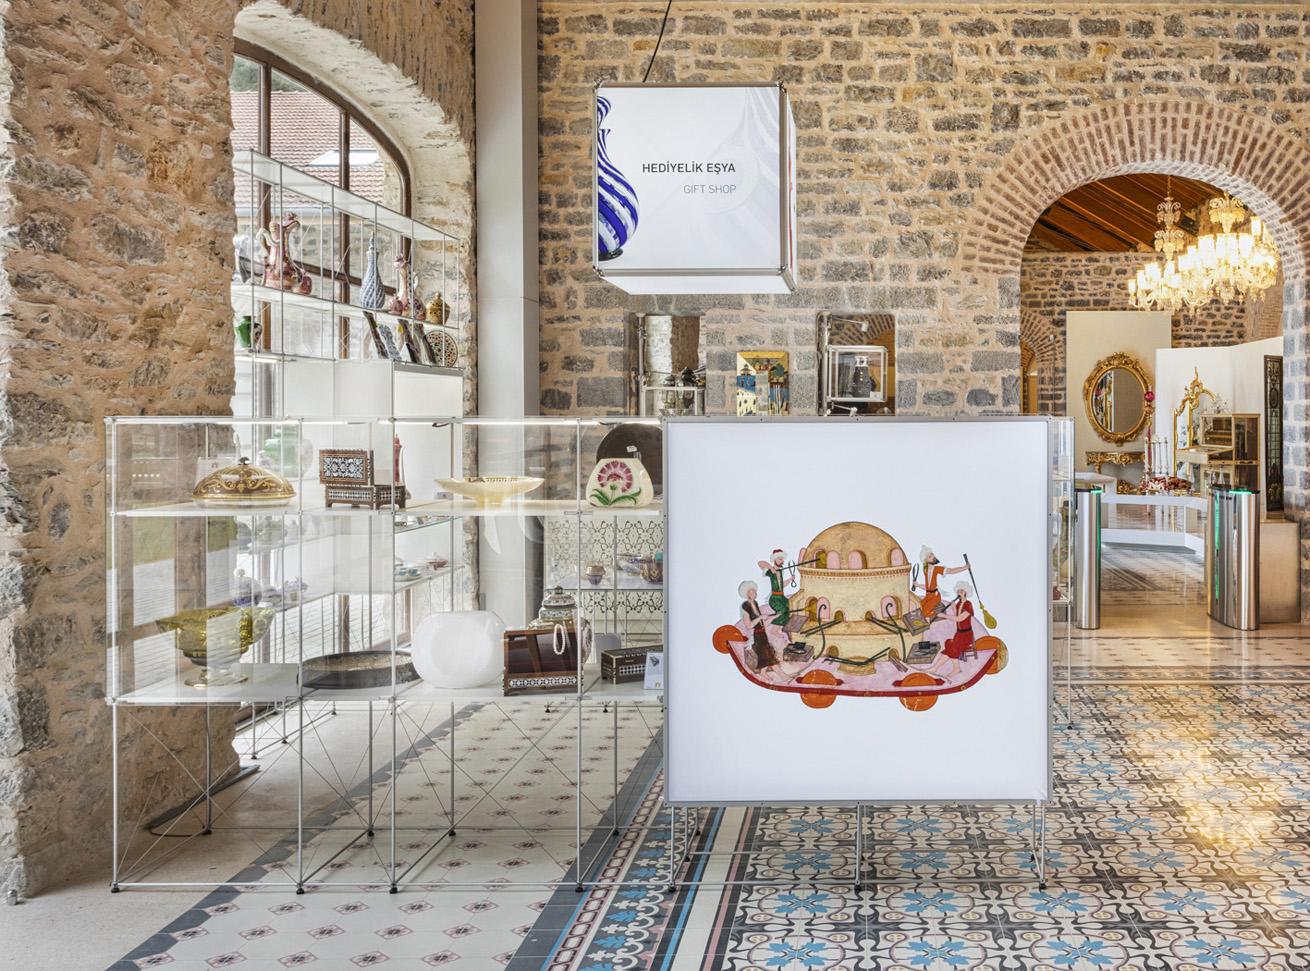 Das Beykoz Kristall- und Glasmuseum